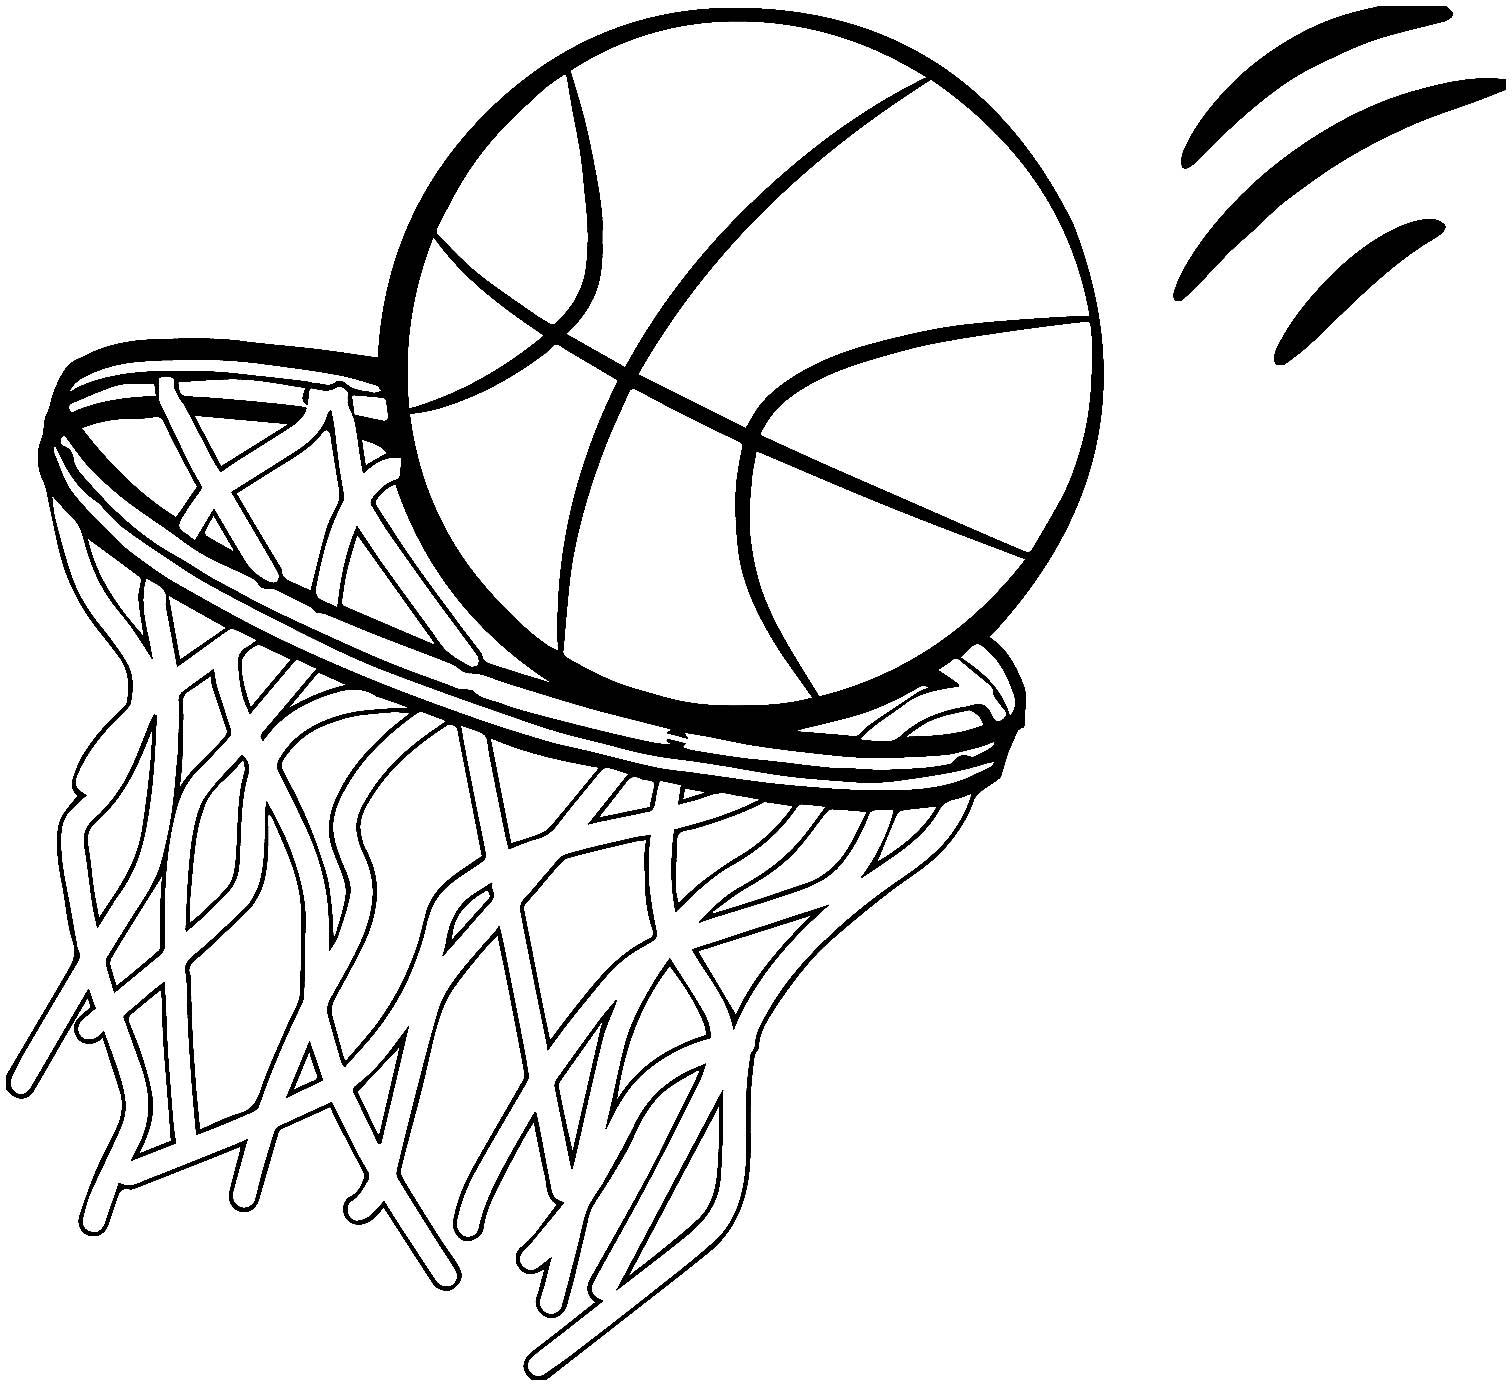 Tranh tô màu quả bóng chuyền